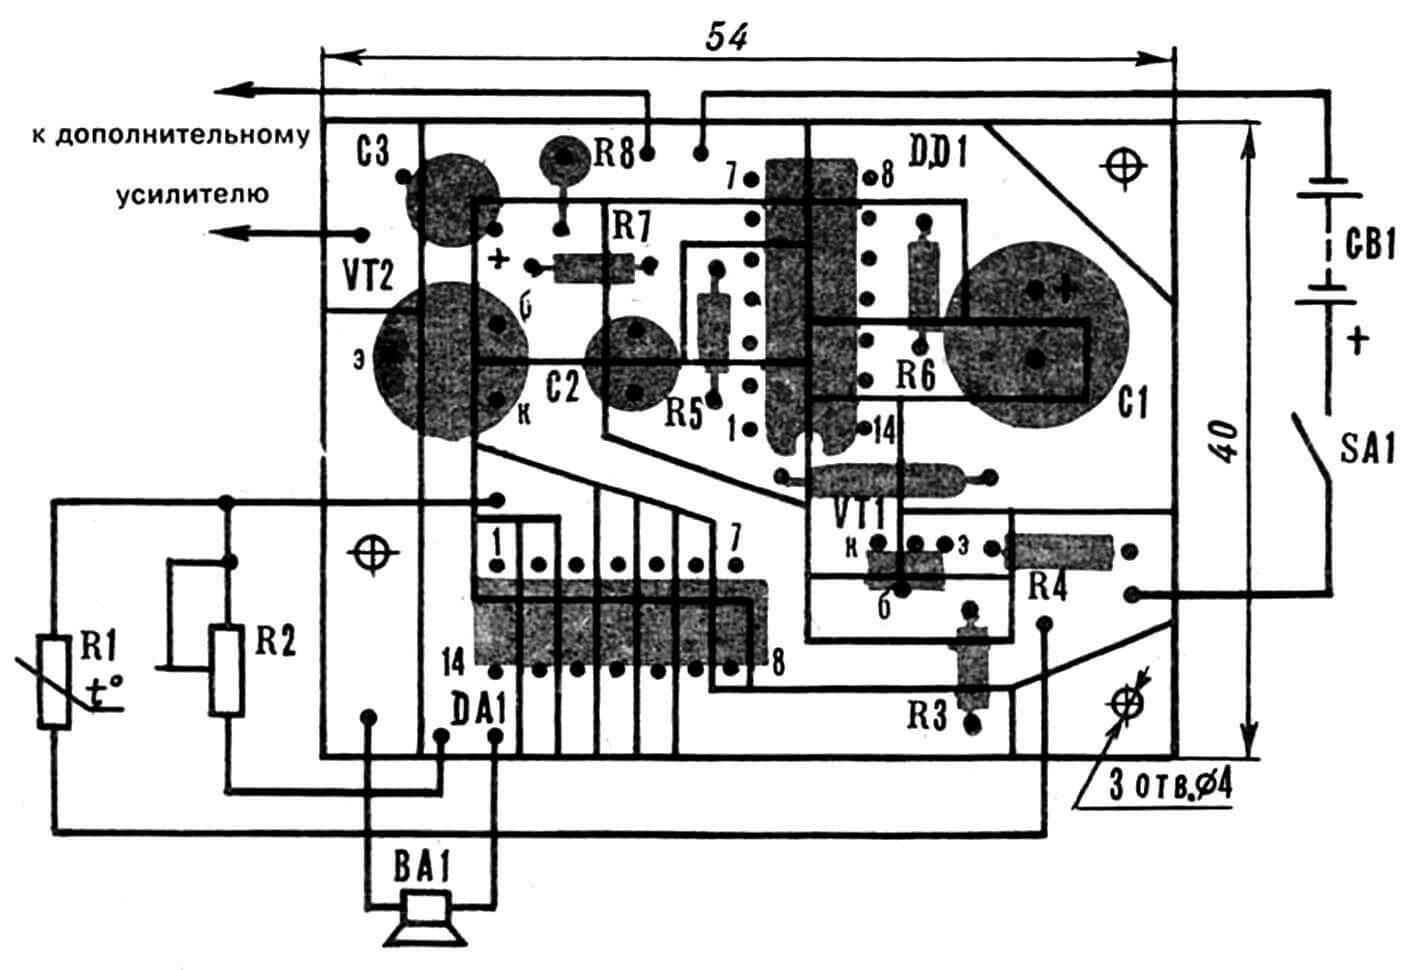 Печатная плата с указанием расположения на ней радиоэлементов.